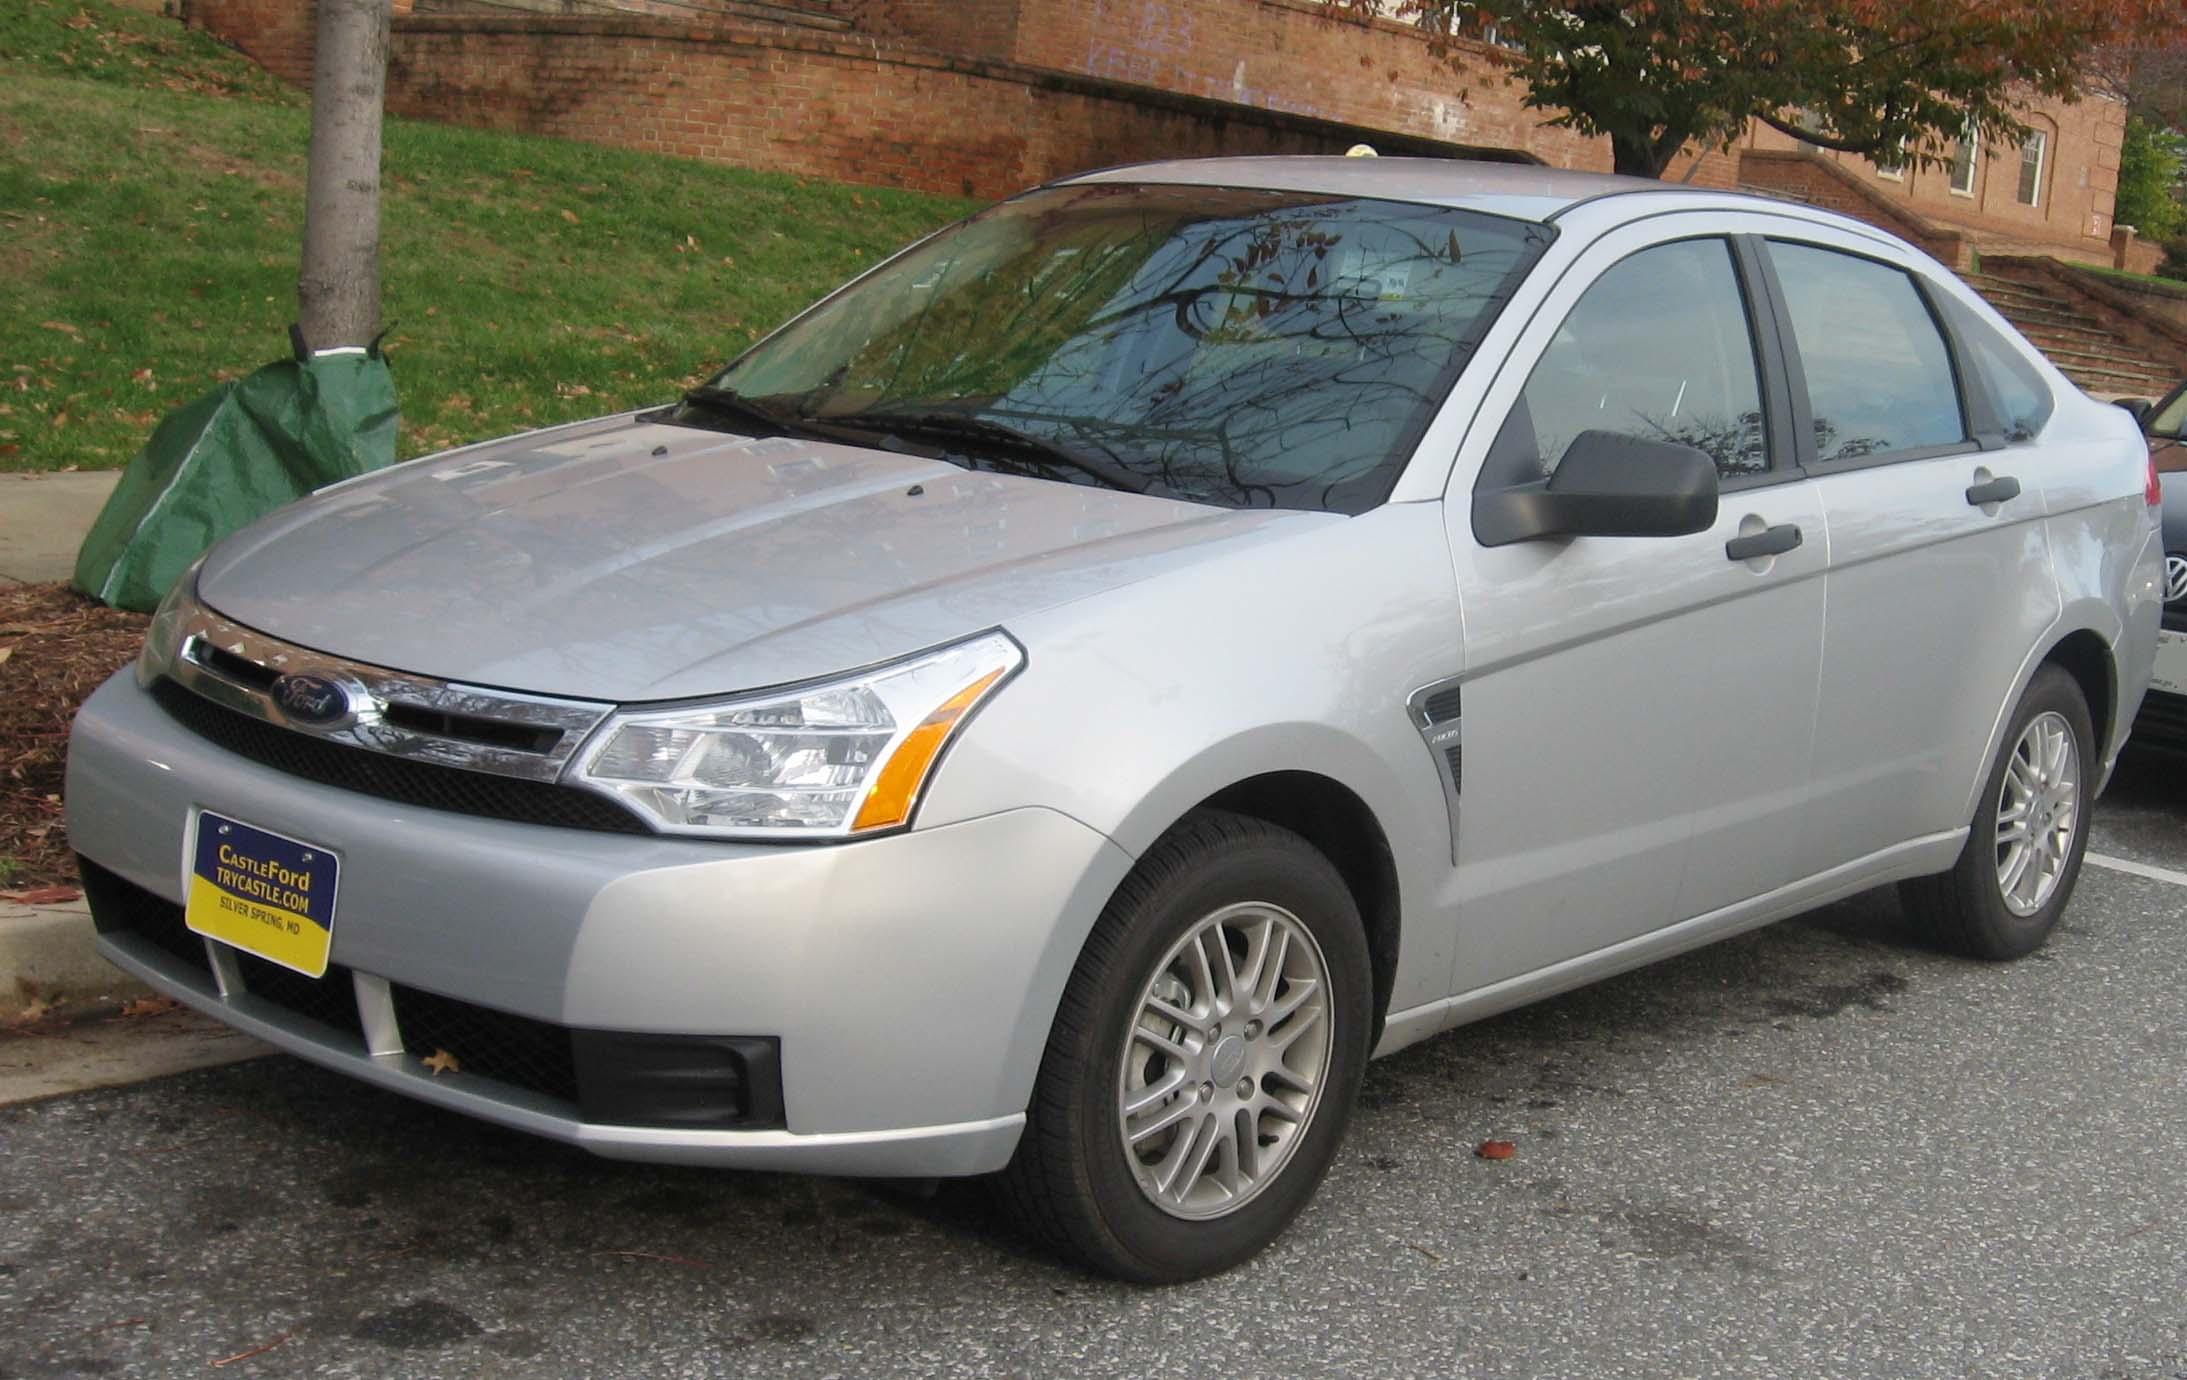 https://i1.wp.com/upload.wikimedia.org/wikipedia/commons/f/fe/2008_Ford_Focus_SE_sedan.jpg